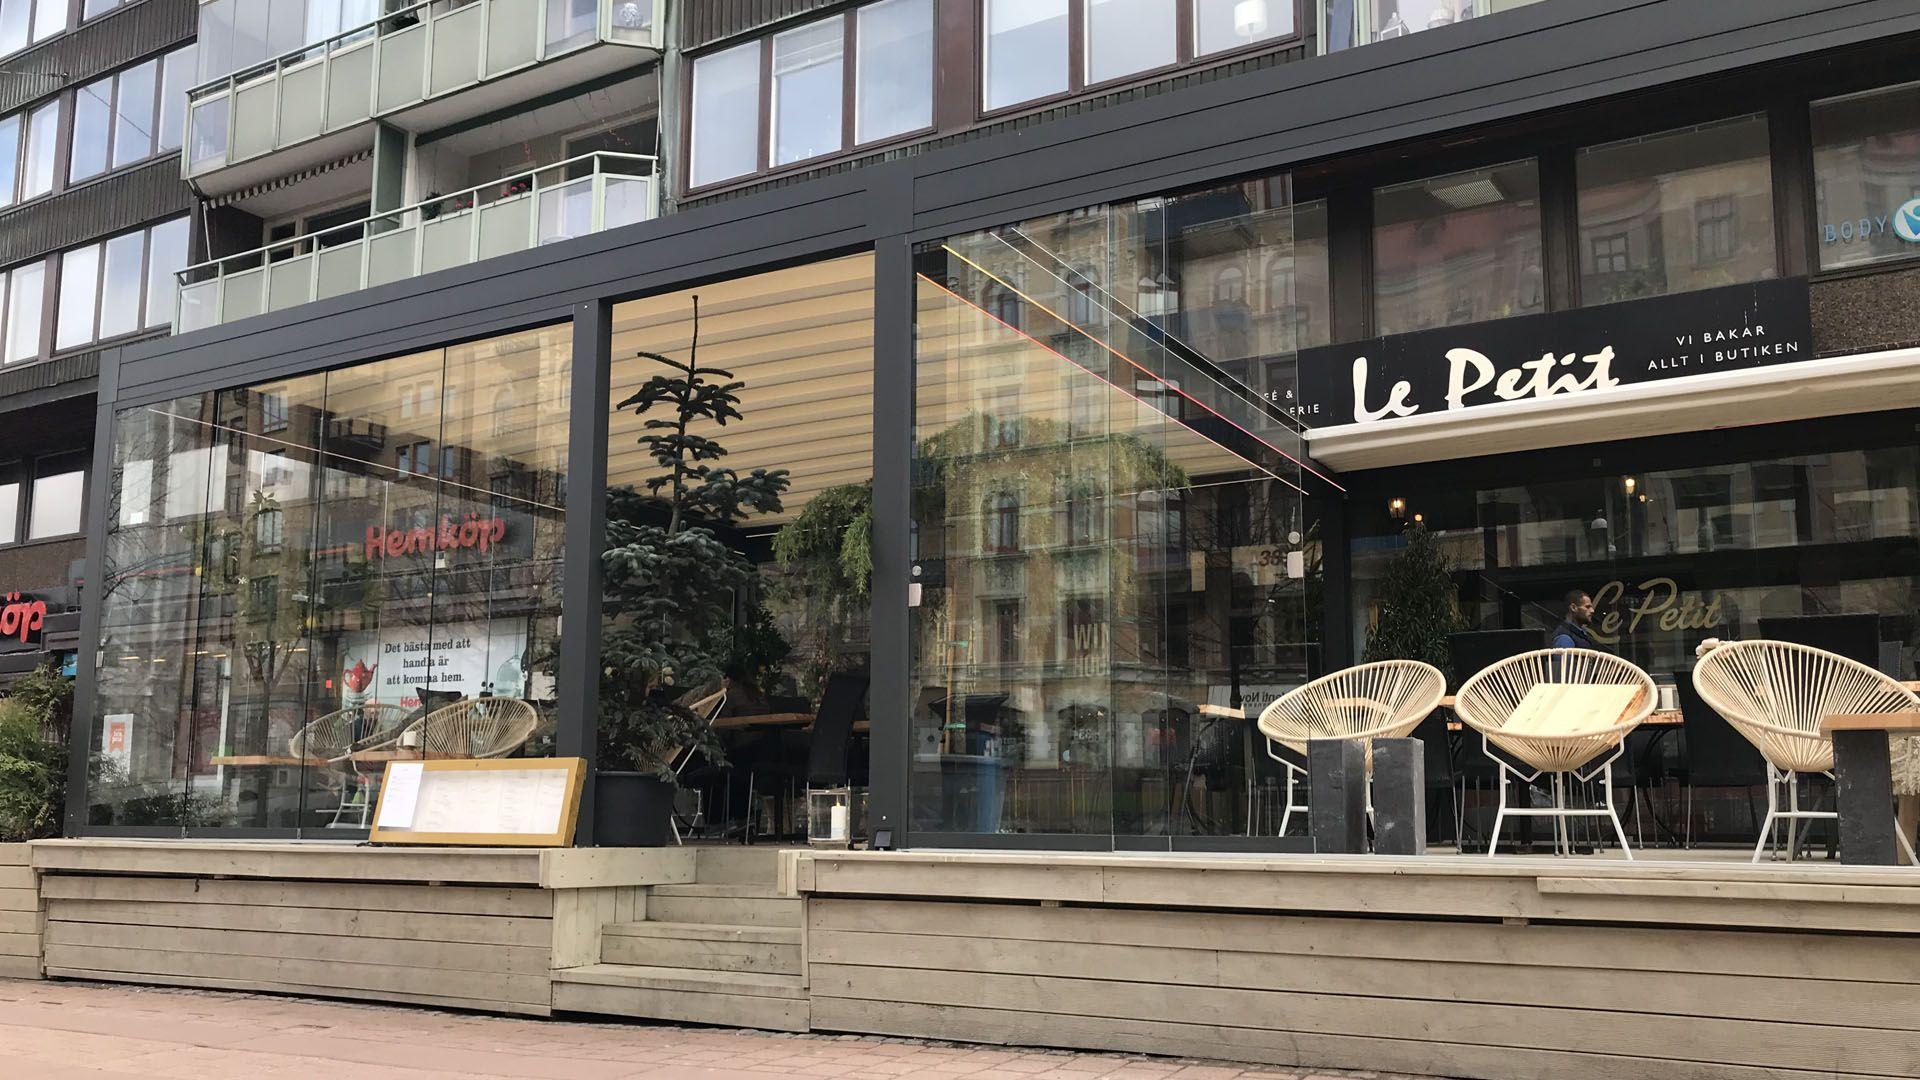 Göteborg linnégatan 27